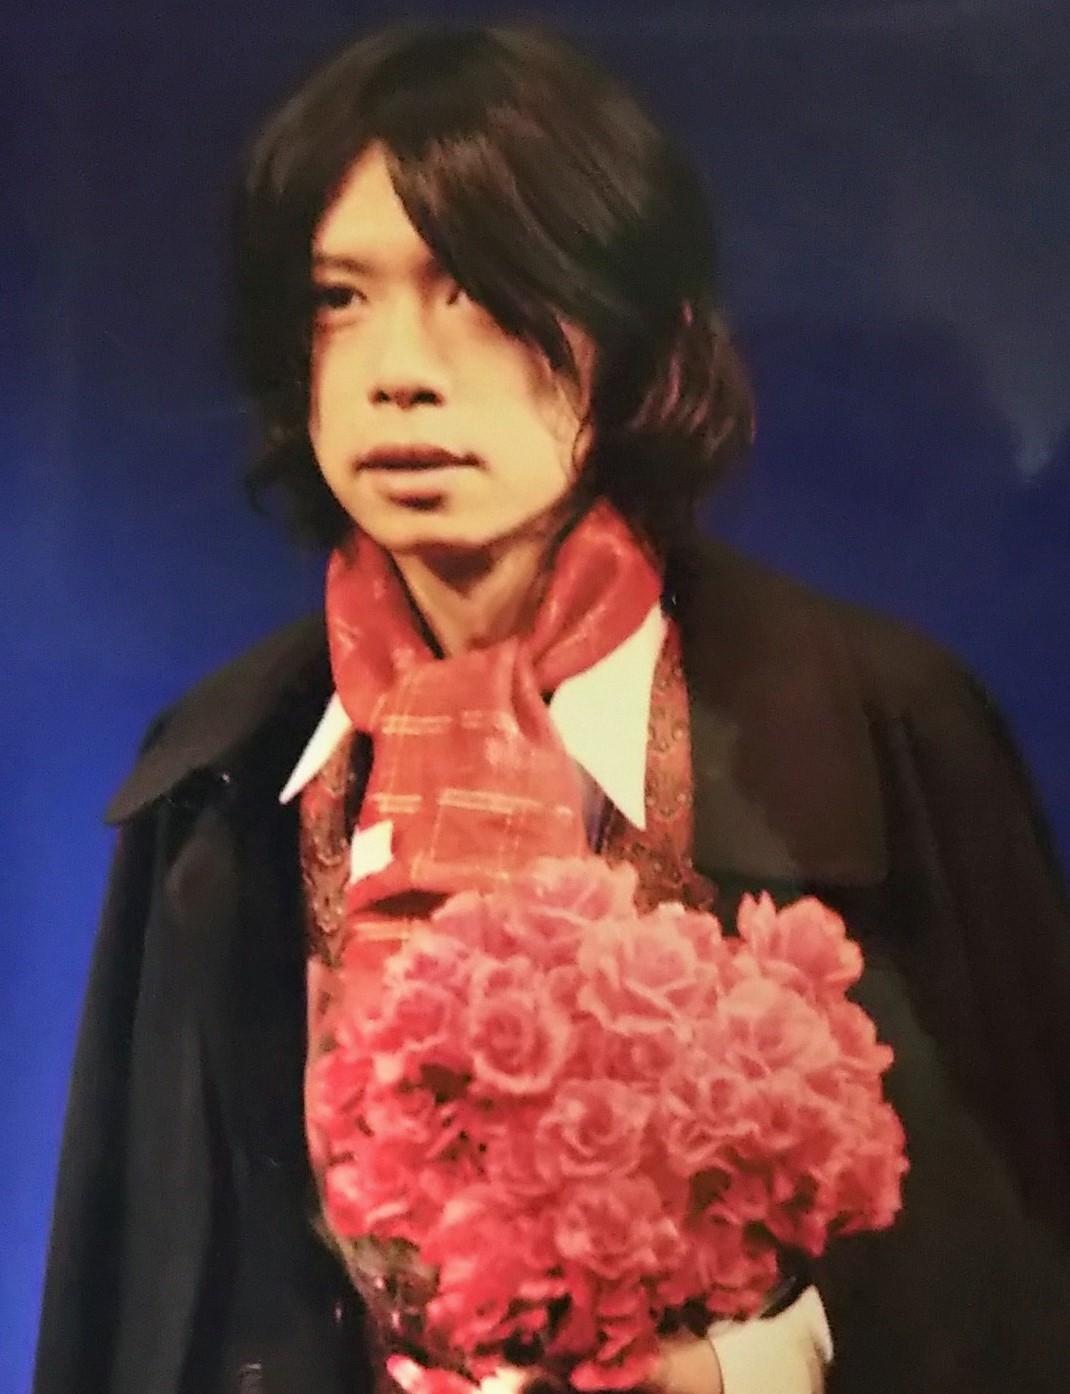 野田クリスタルの昔、若い頃のイケメン画像